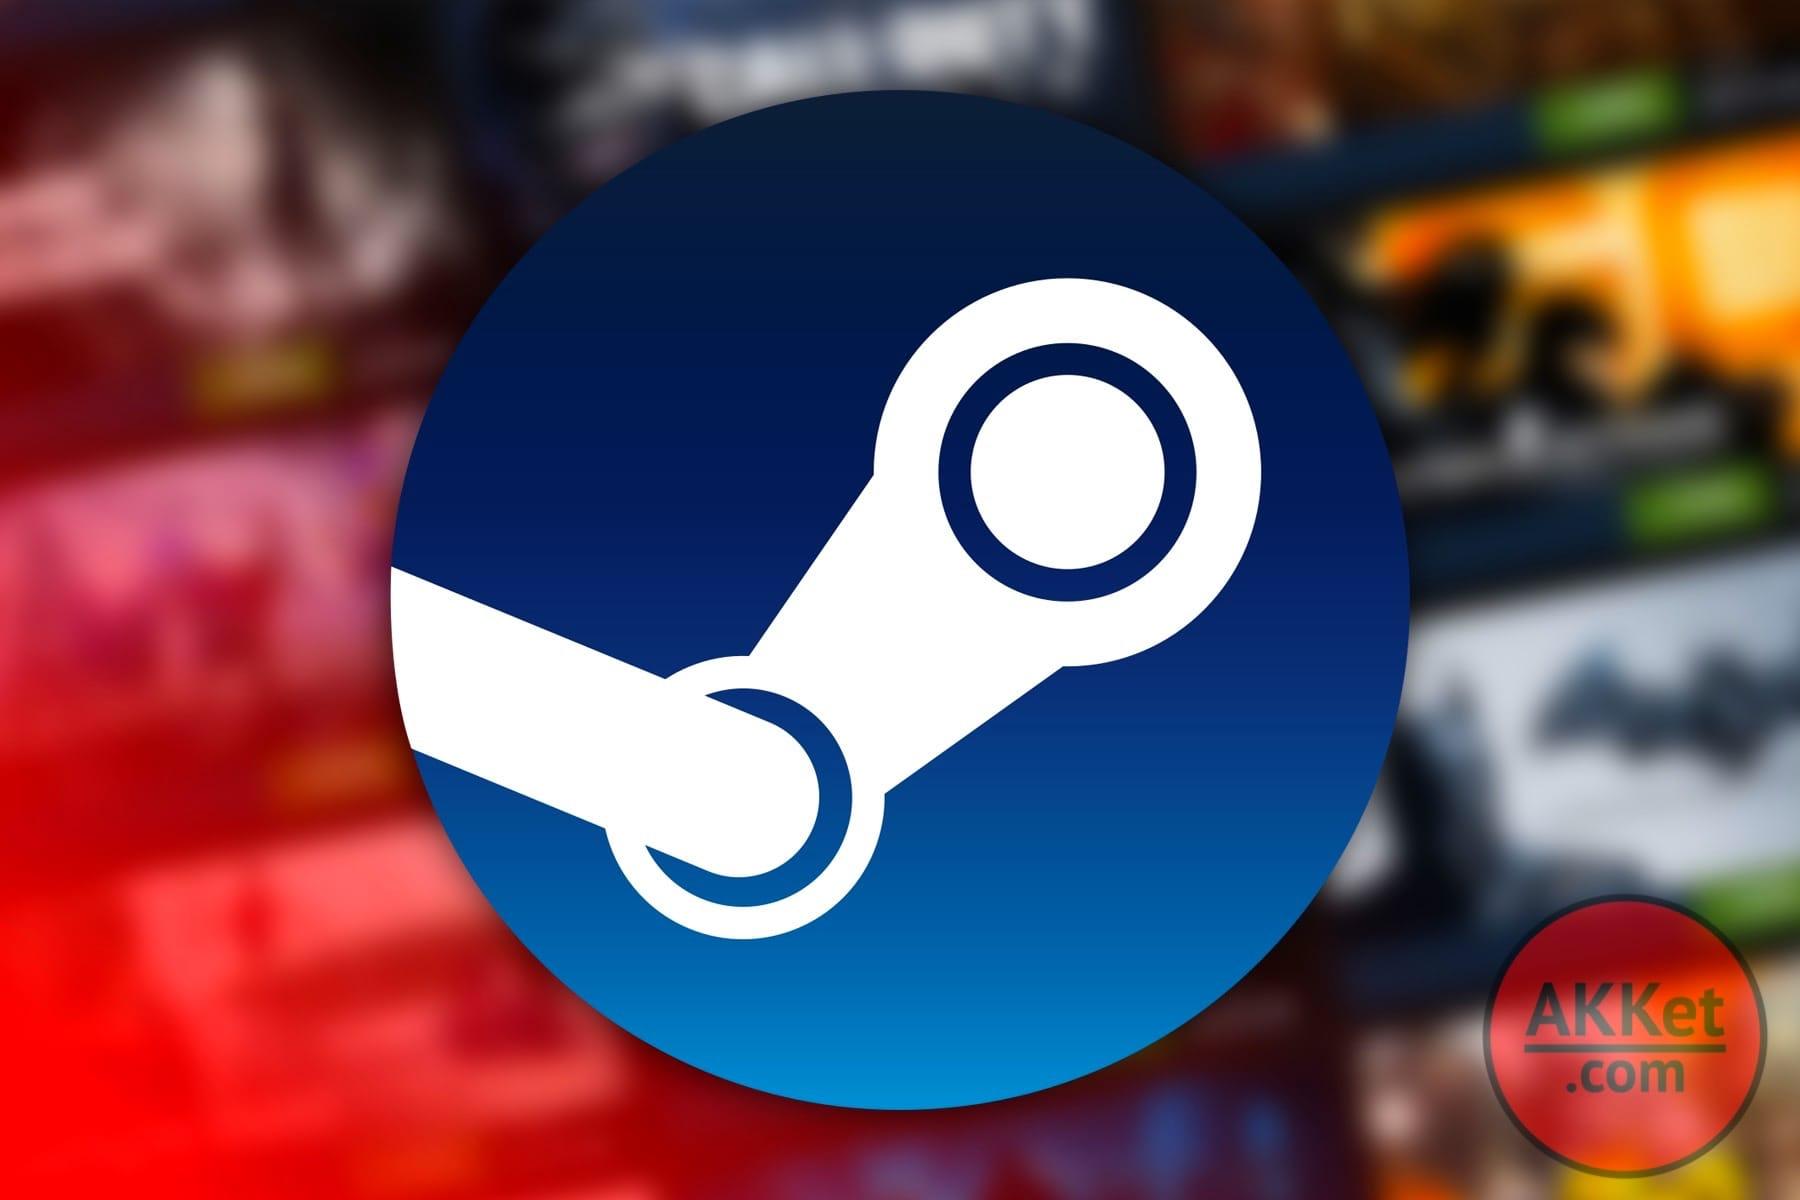 0 Steam запустил бесплатный сервис для запуска любых компьютерных игр на смартфонах